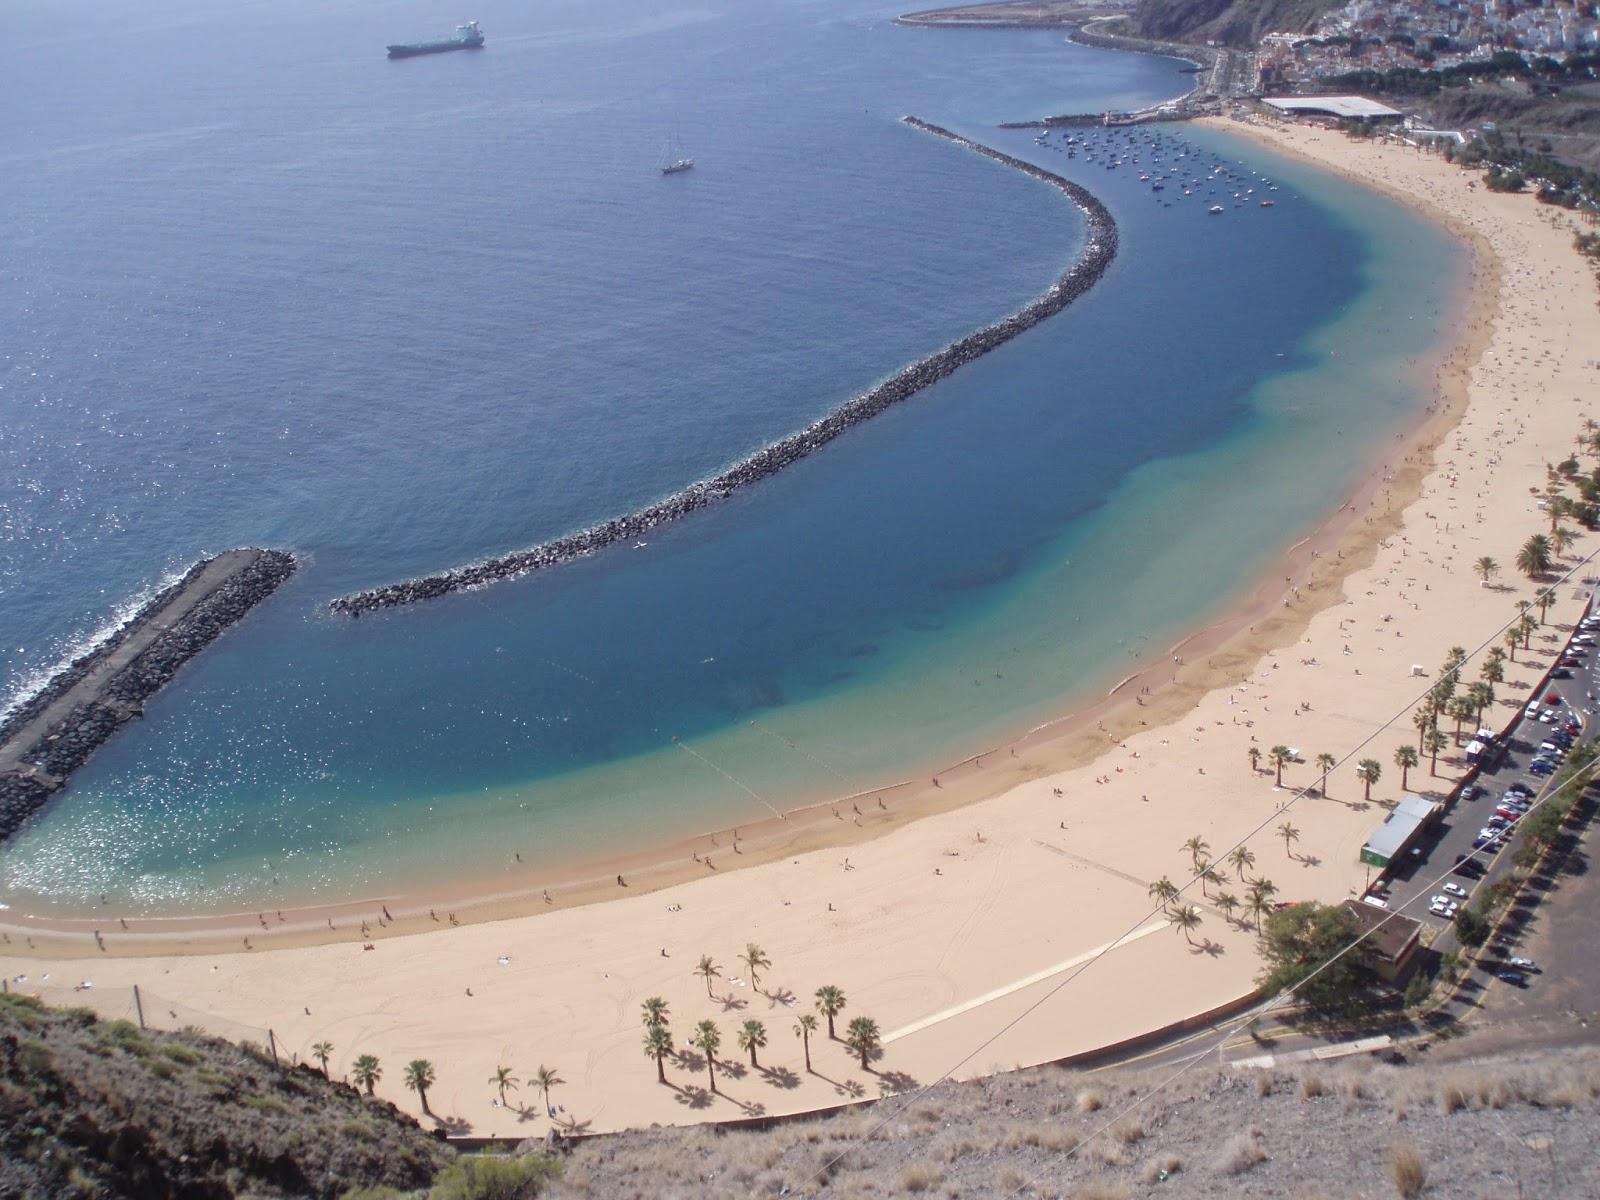 Haie Gran Canaria